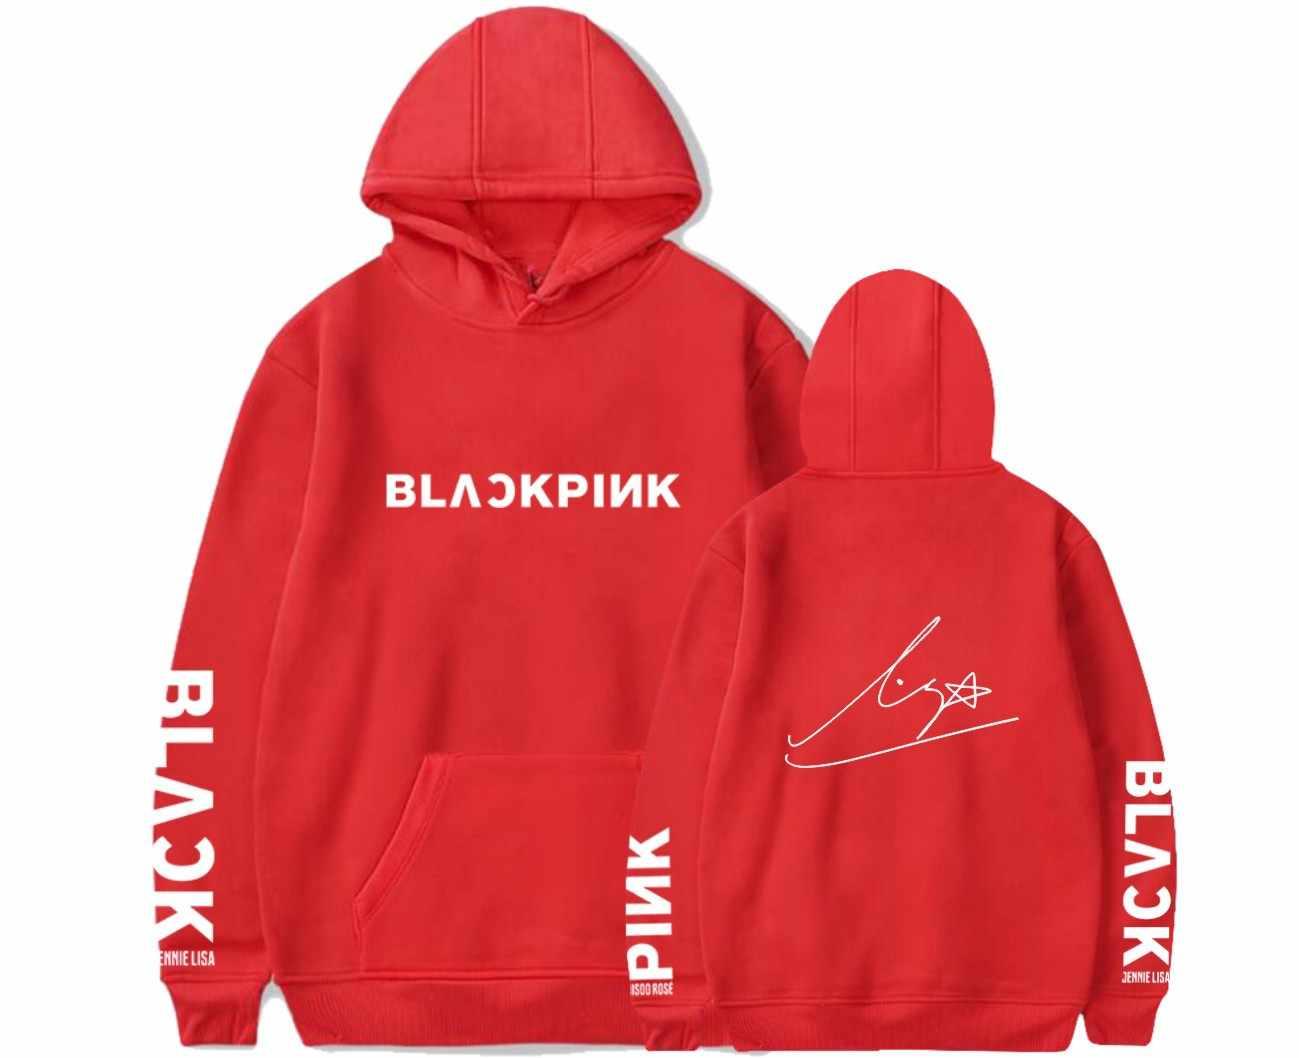 Новая Мода Kpop черная розовая толстовка с карманом корейские пуловеры фанатов Толстовка для женщин и мужчин с именами членов группы одежда с принтом Moletom